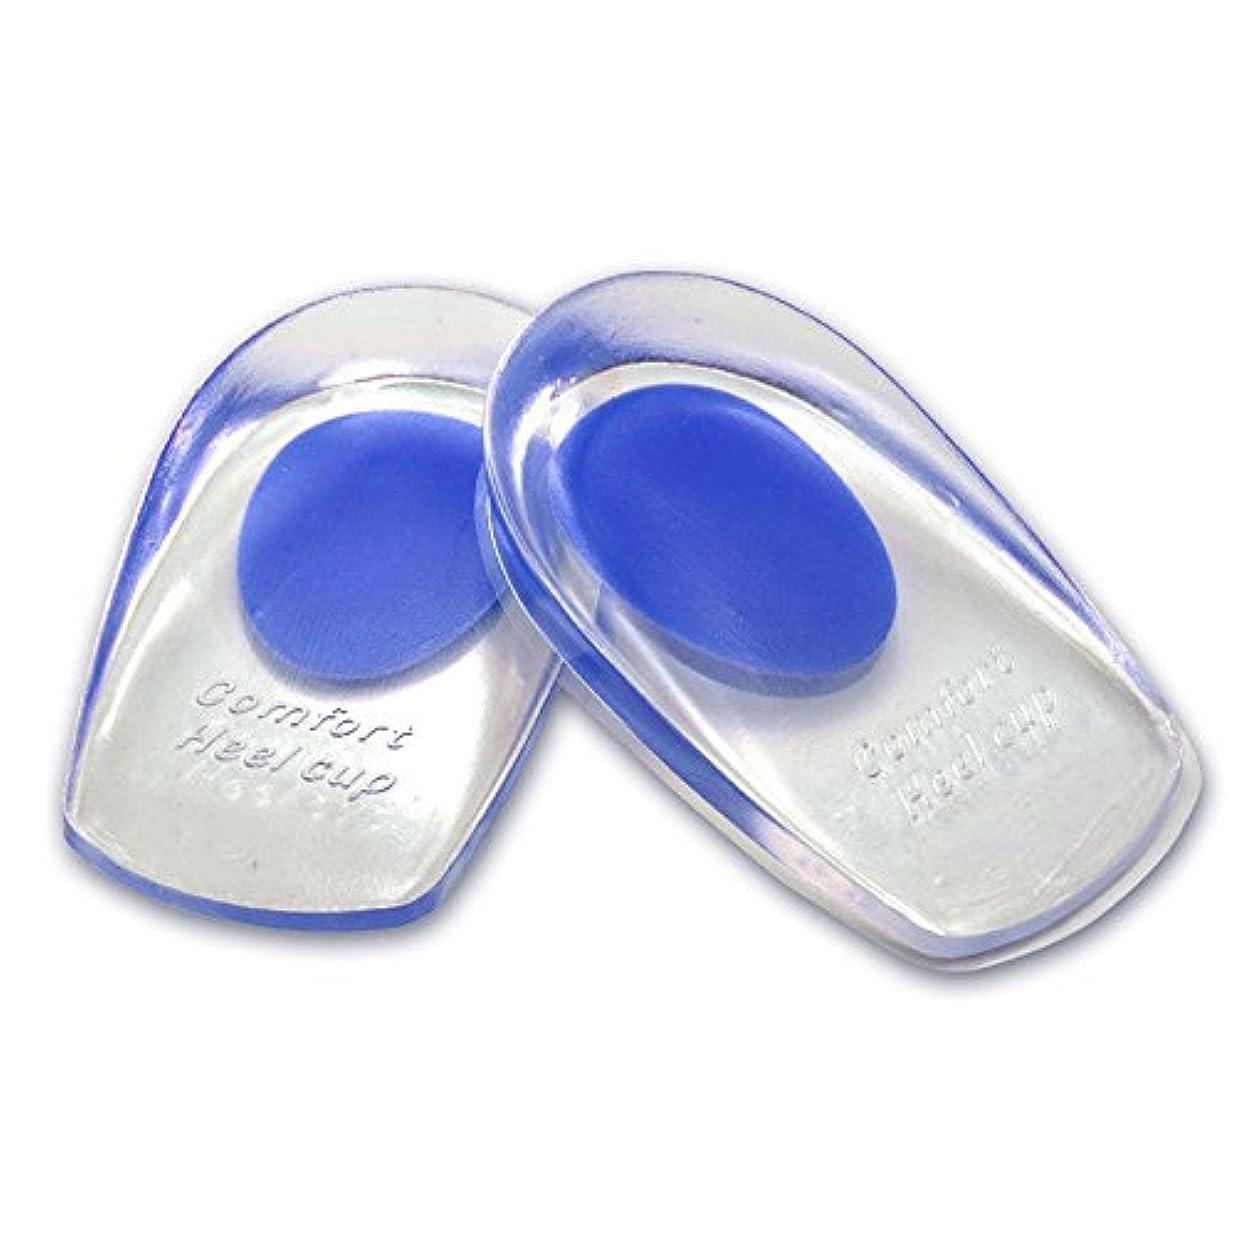 毎回分離記憶シリコンヒールカップ かかとの痛み防止に ソフトシリコン製 インソールクッション 衝撃緩和 立体形状 フィット感抜群 FMTMXCA2S (ブルー(靴サイズ24.5~27.5cm用))